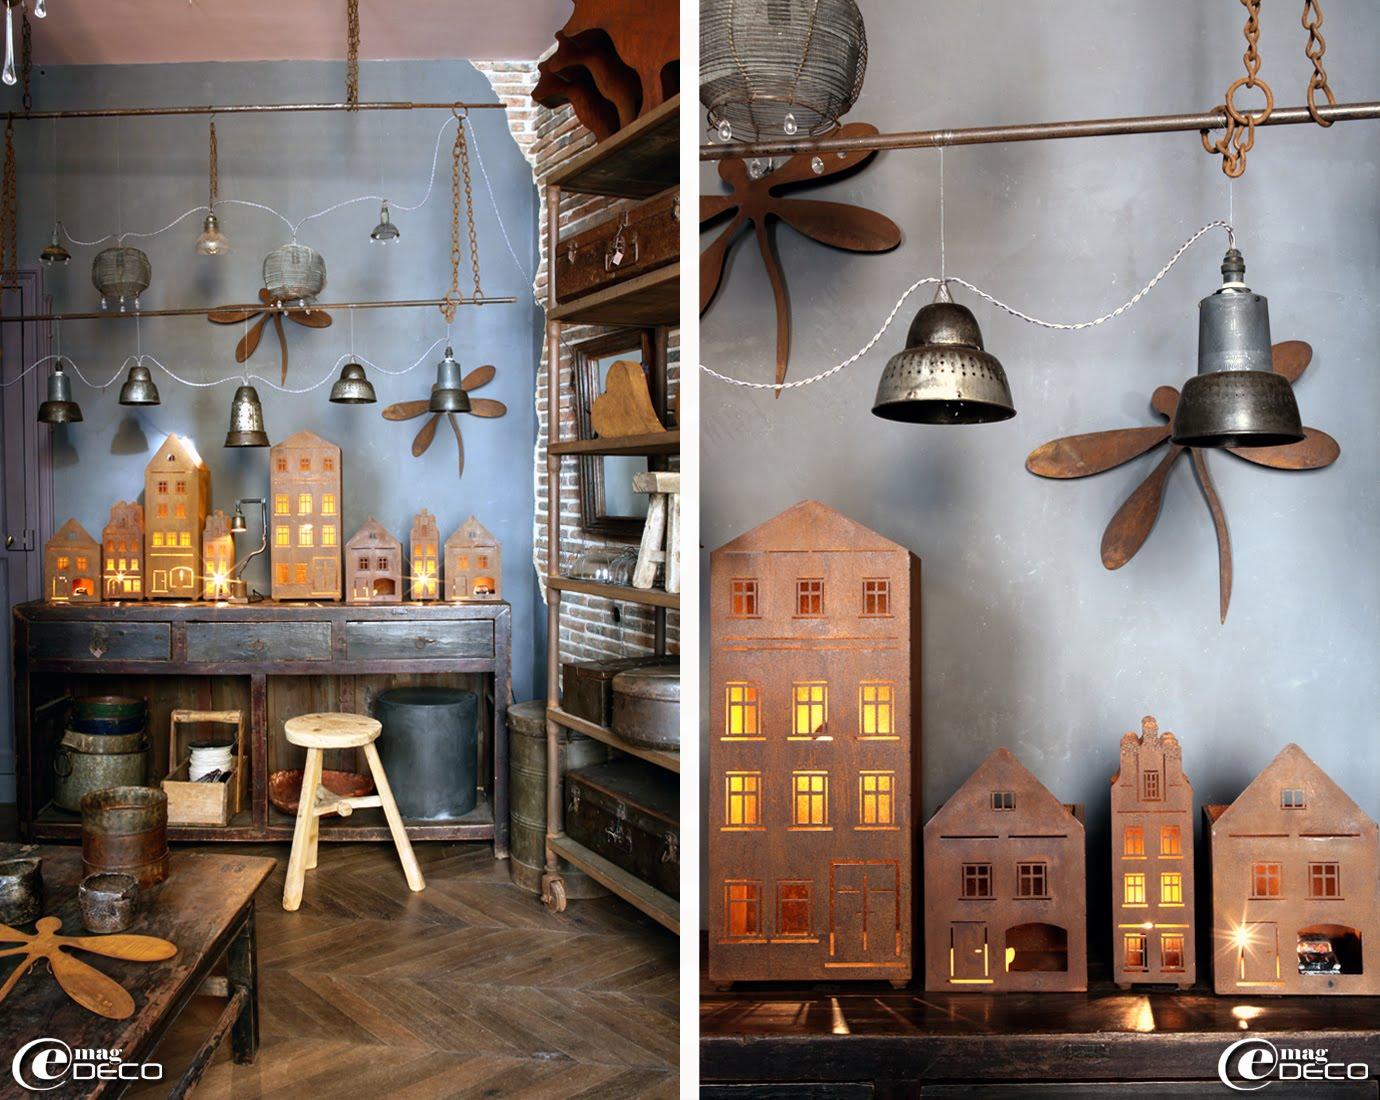 Au fond de la boutique 'Métamorphoses' à Bellême, suspendues au plafond, deux guirlandes lumineuses créées par Jean-Luc à partir de paniers à salades ou de vieux récipients perforés